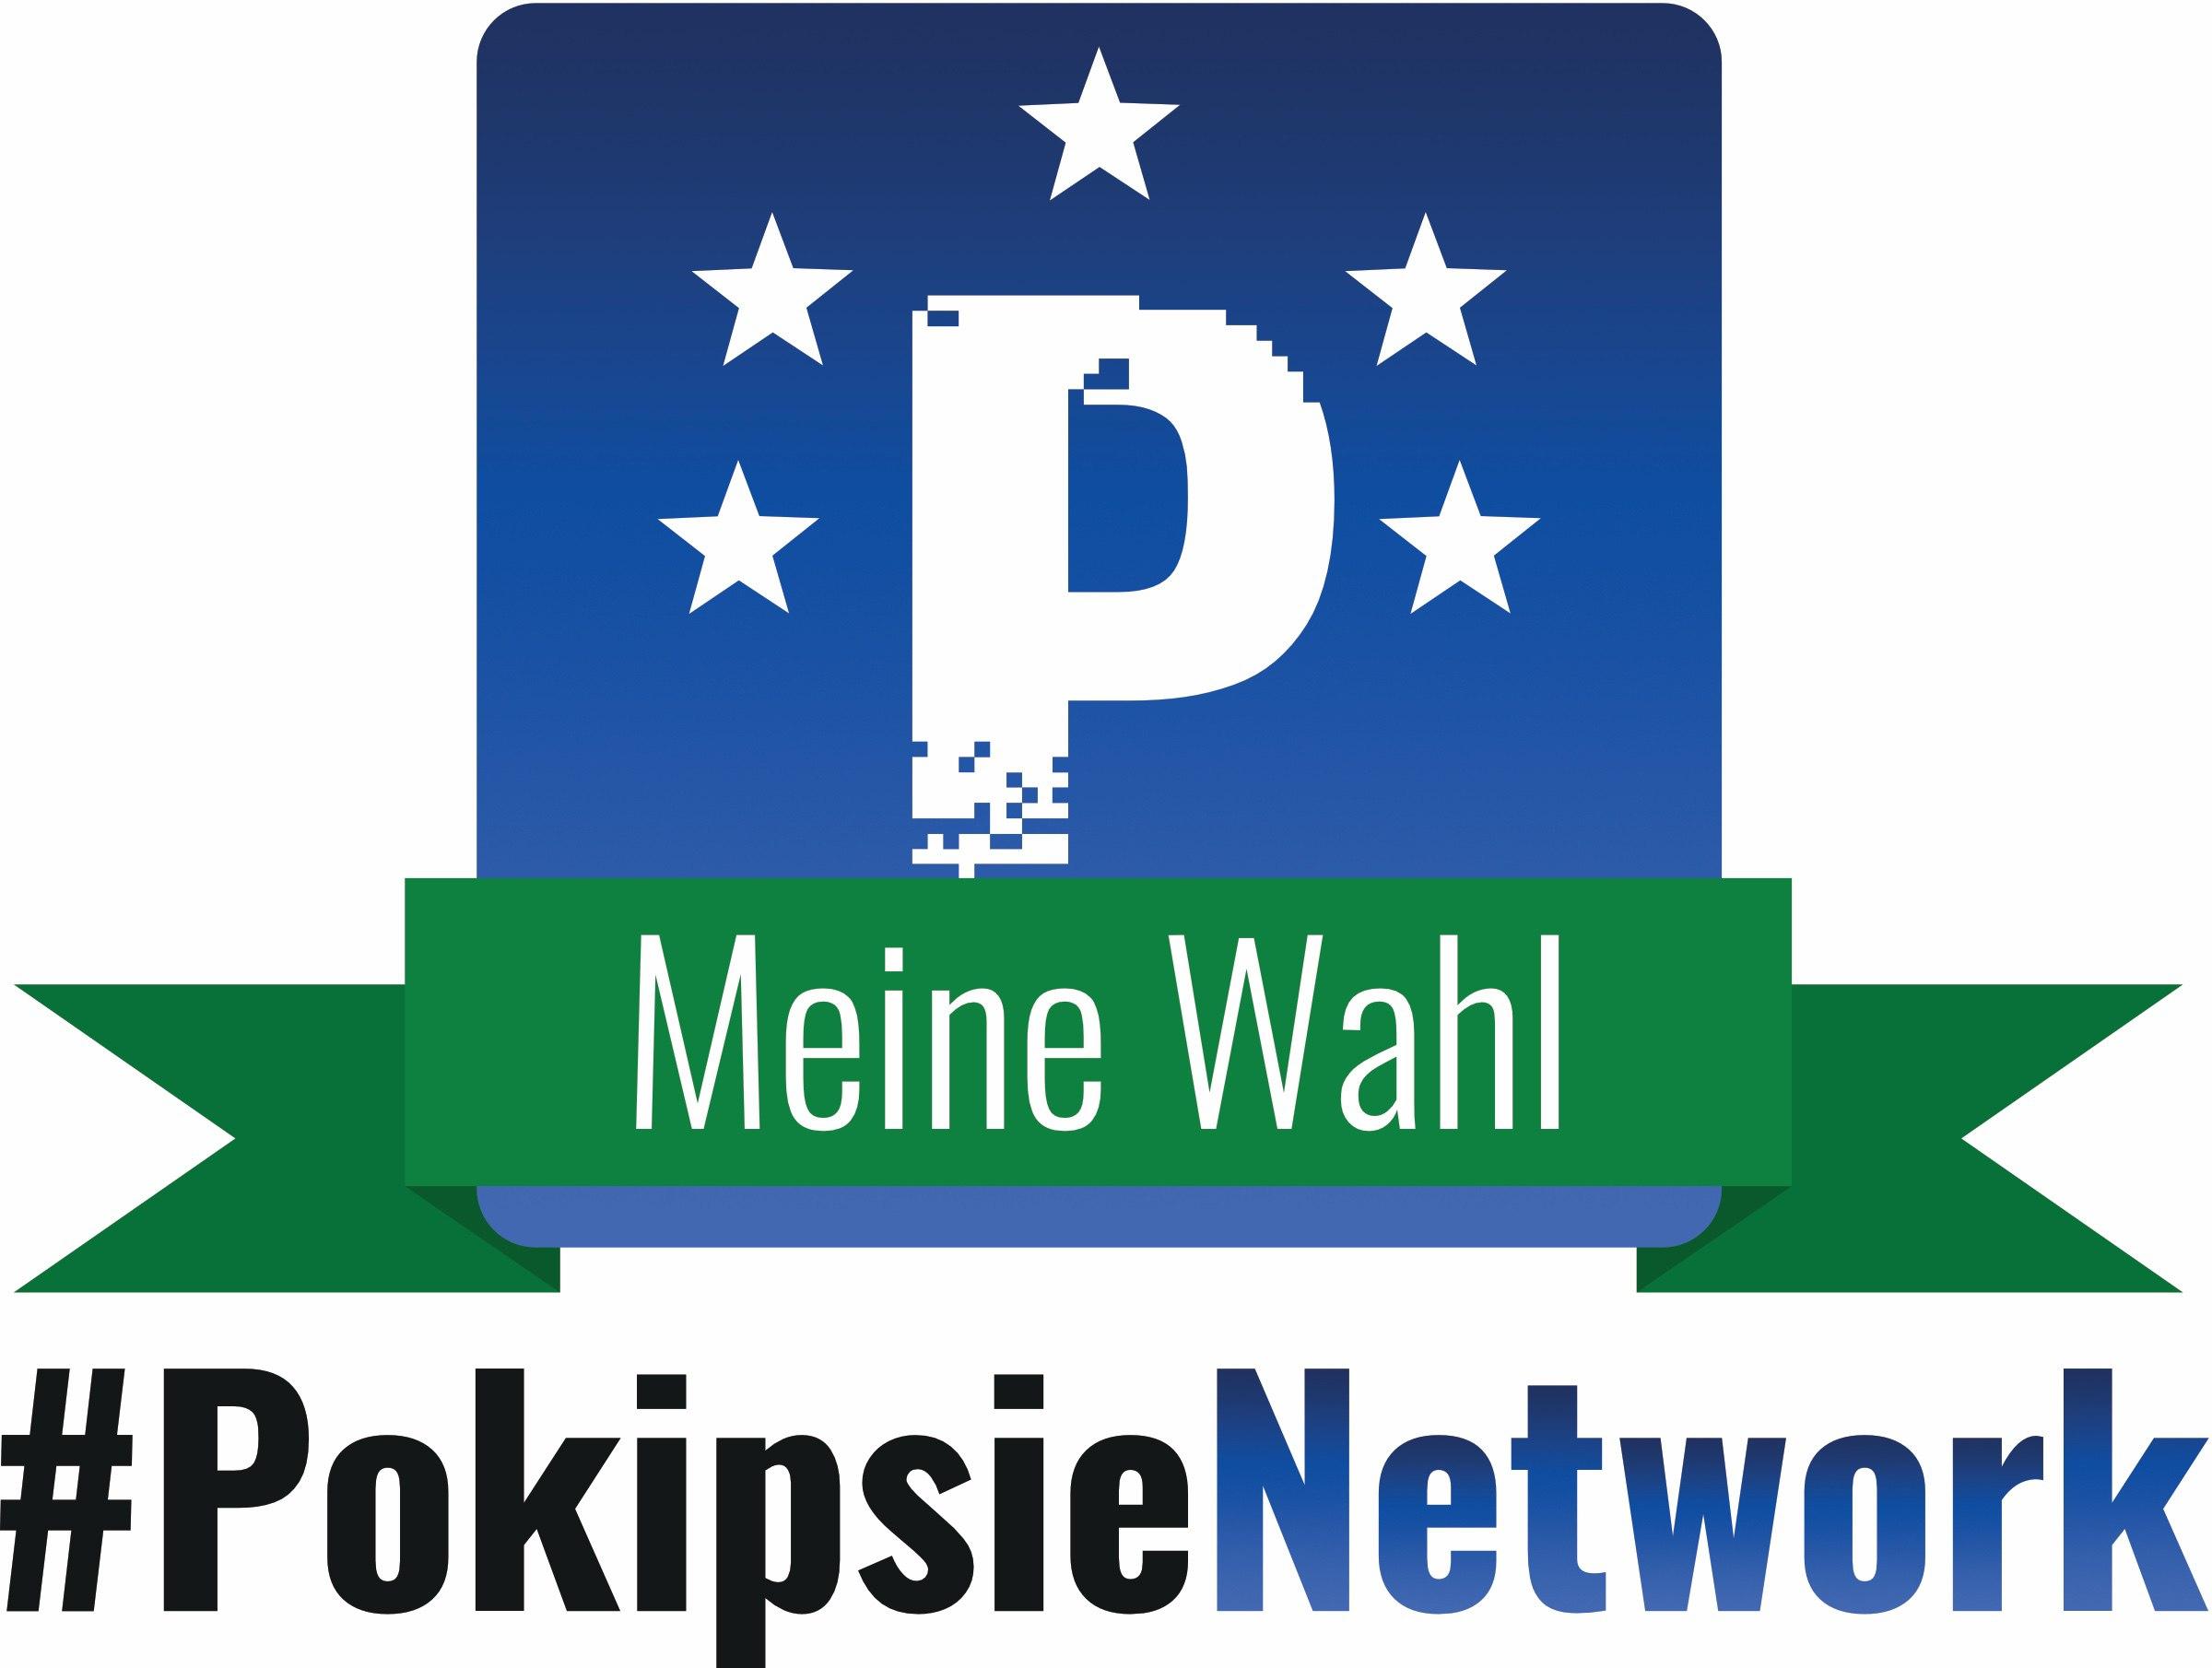 Meine Wahl - Pokipsie Network Award